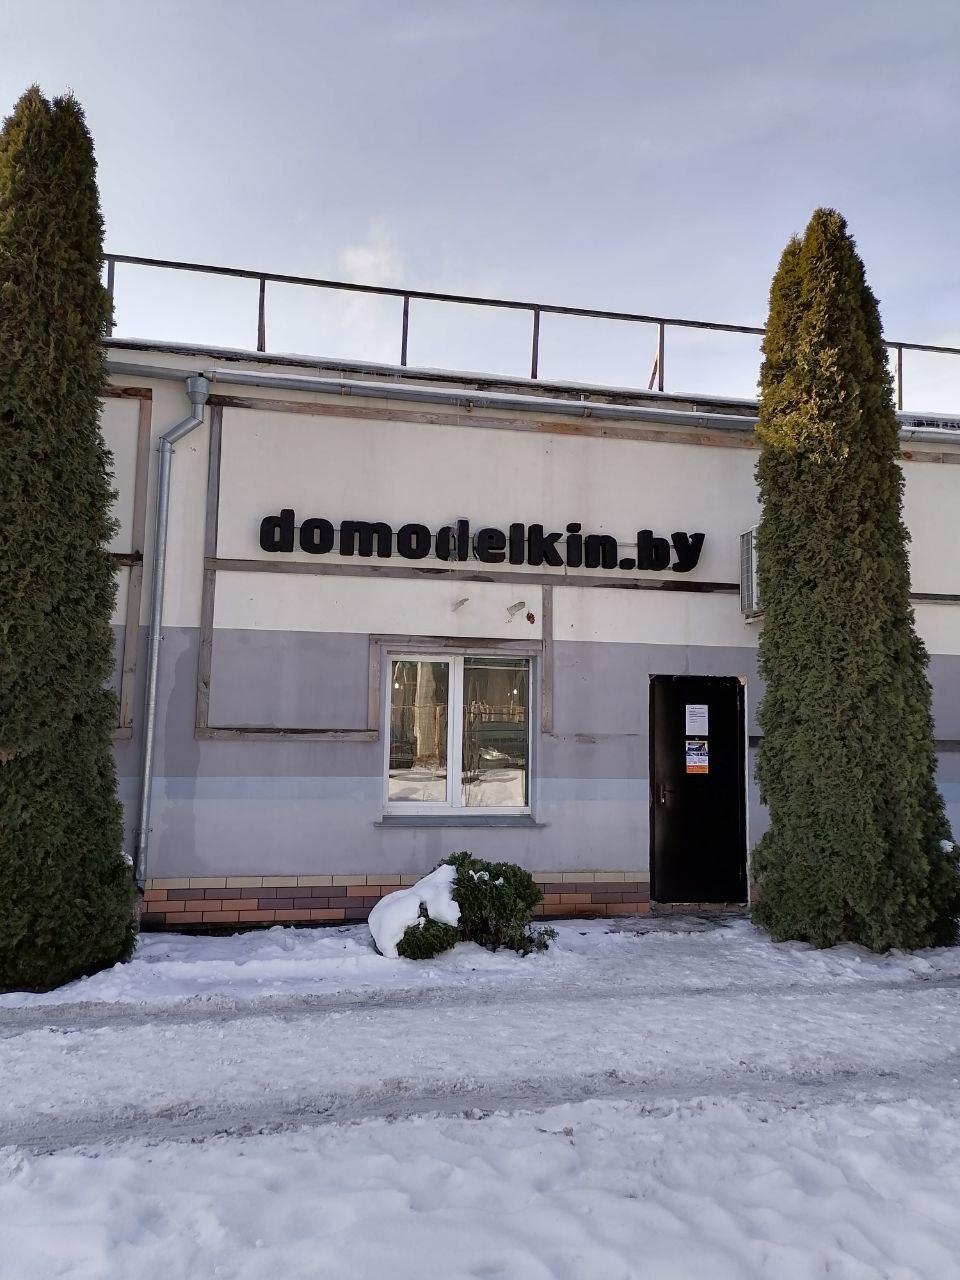 Магазин domodelkin.by в Бресте